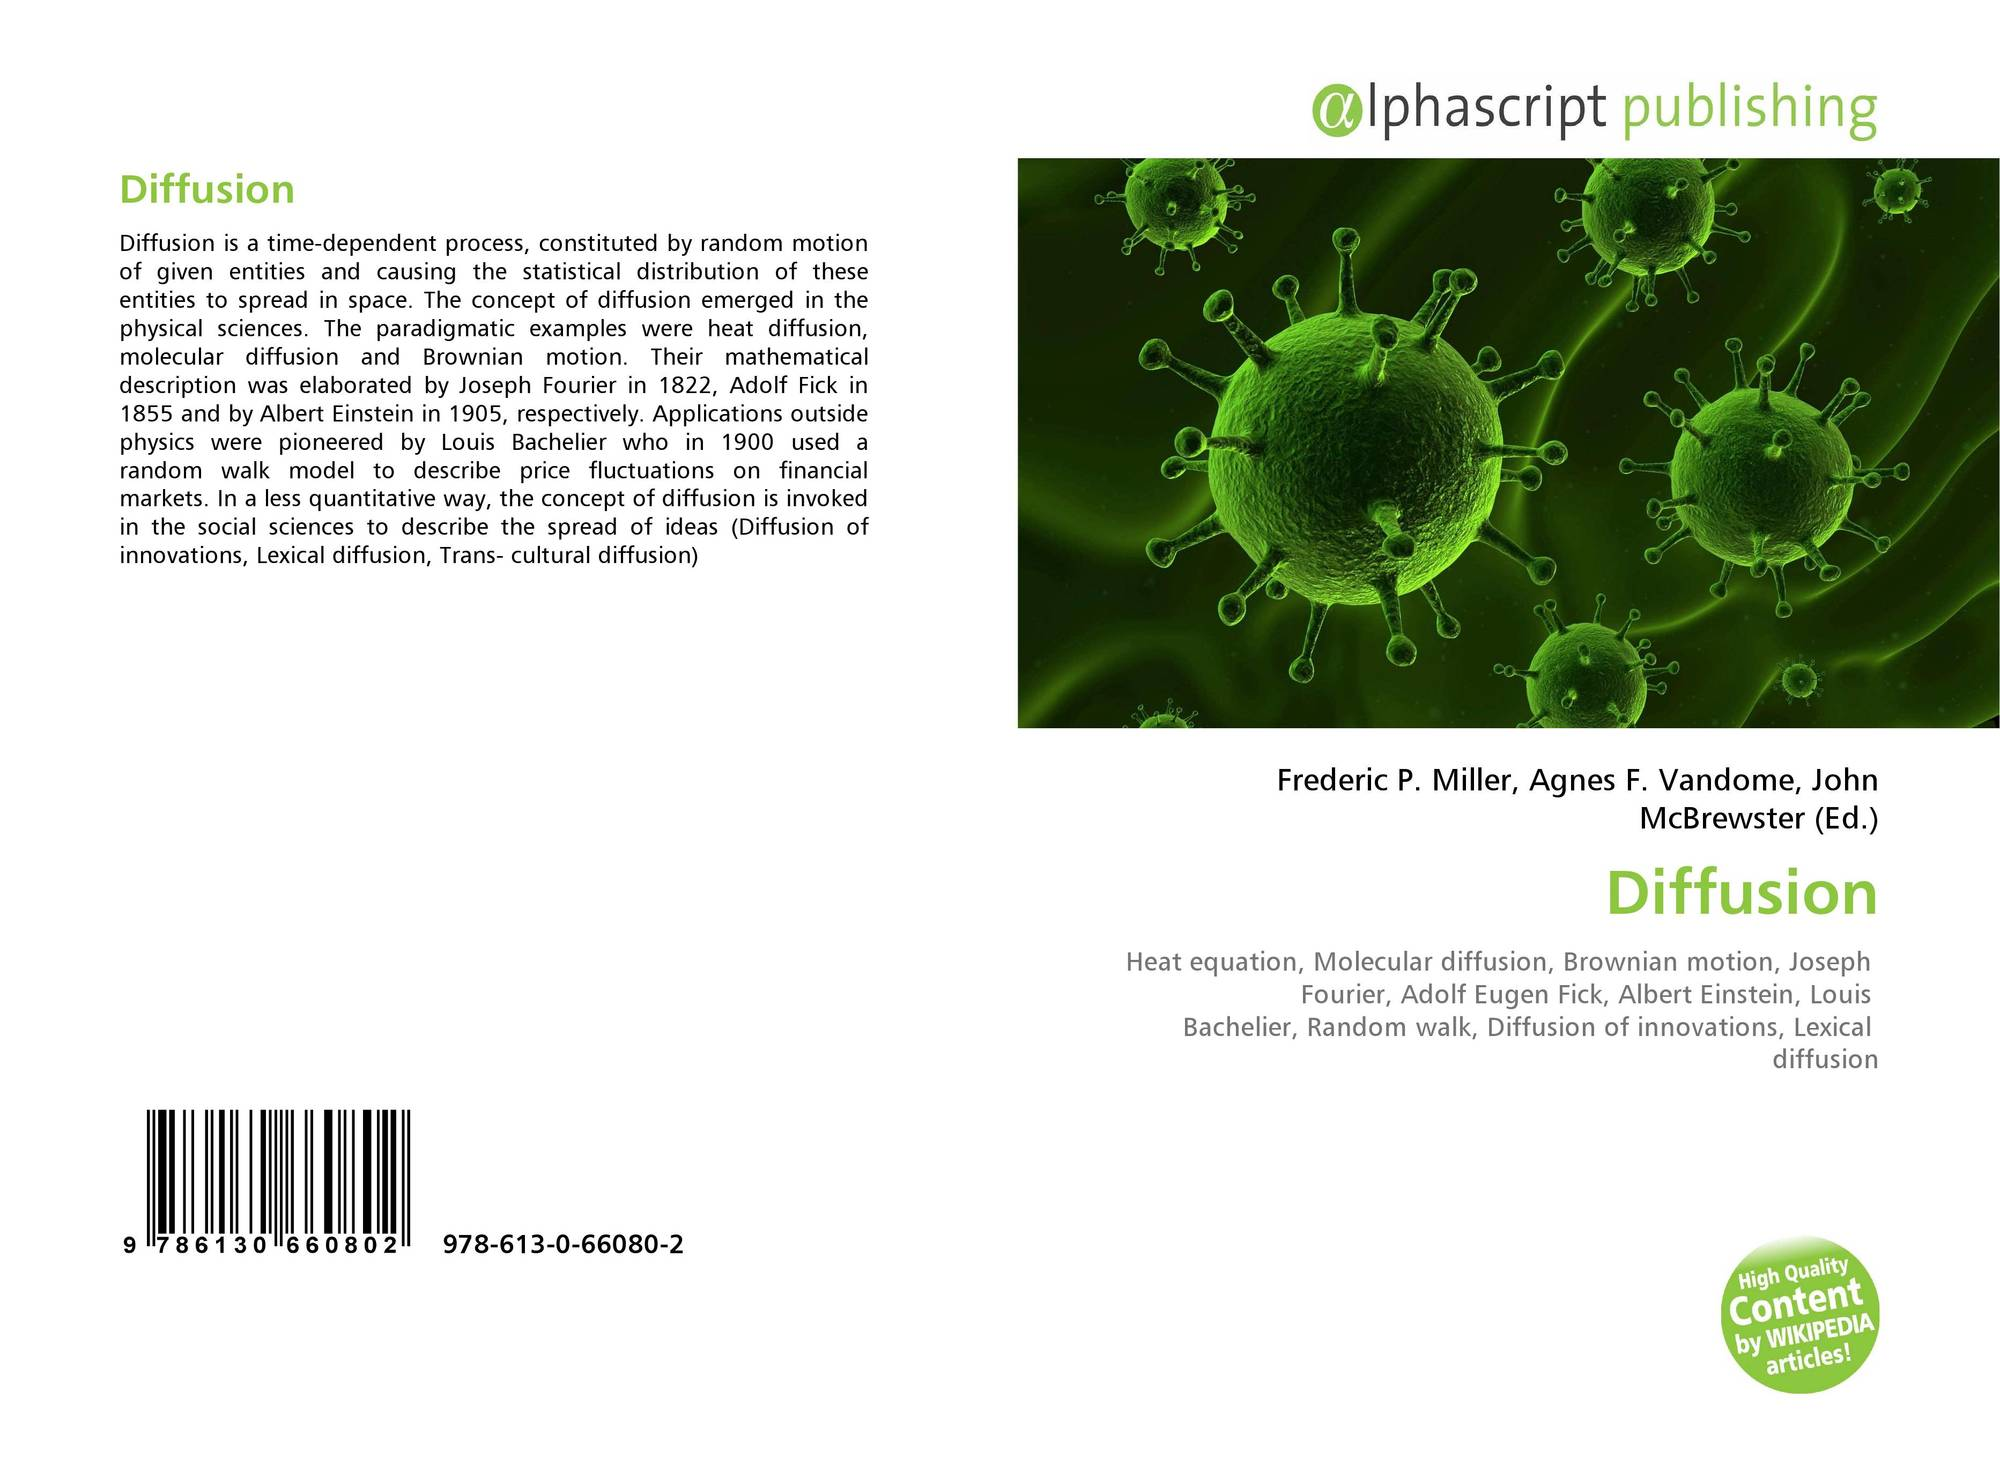 a description of the process of diffusion